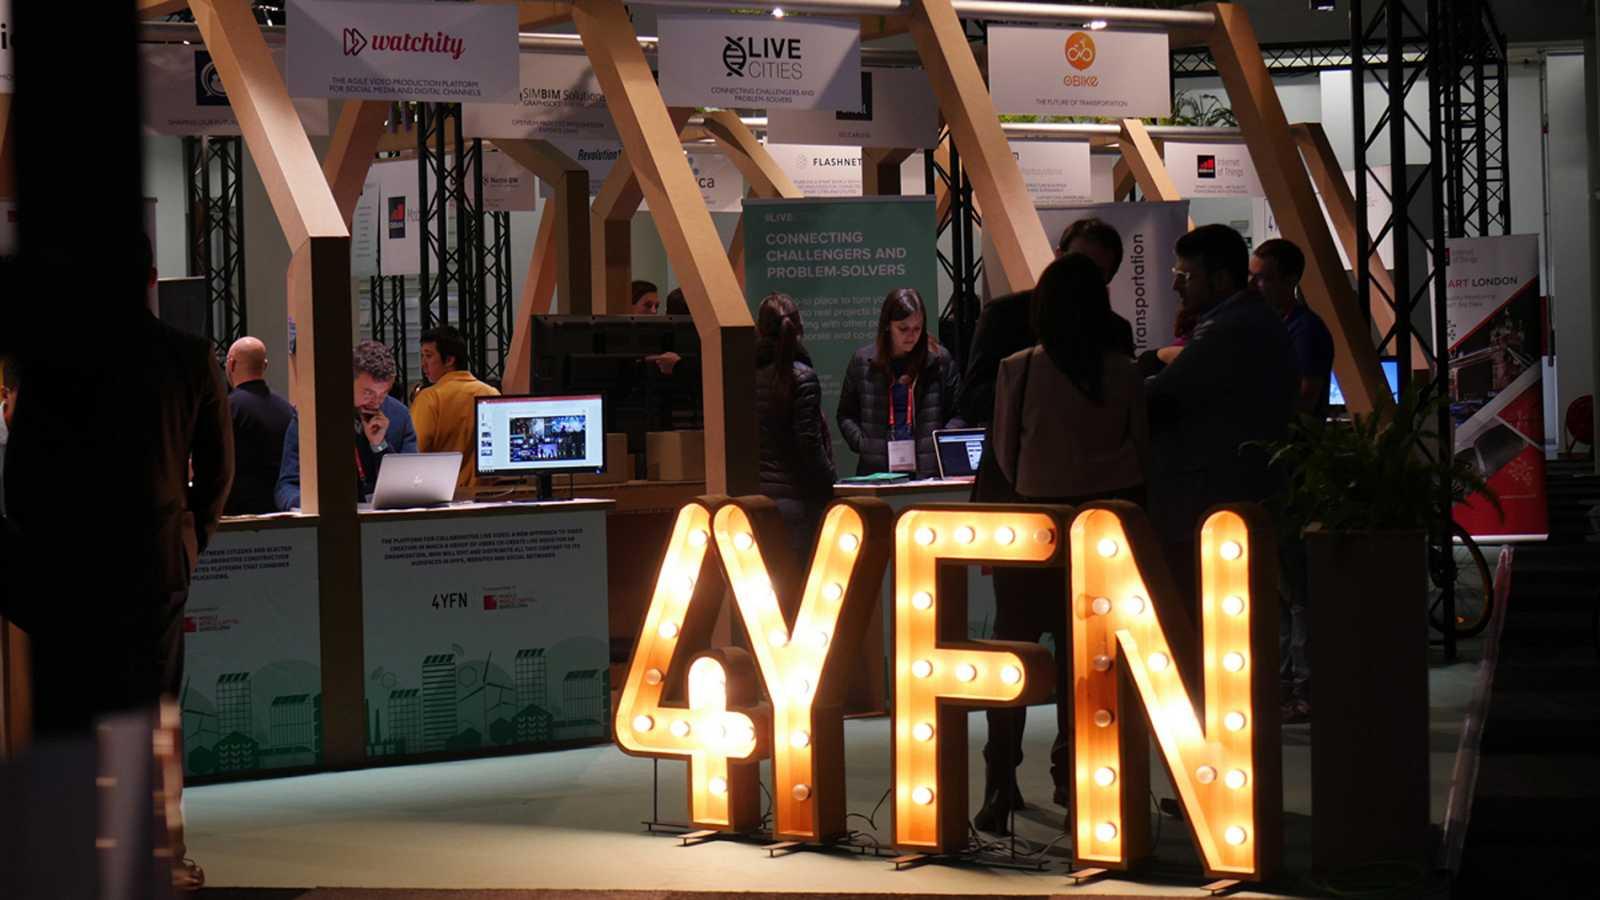 La plataforma de negocios Four Years From Now (4Y4N) ha reunido a alrededor de 600 empresas emergentes en su edición de 2018, con una asistencia prevista de 19.000 personas.Este evento, paralelo al Mobile World Congress (MWC), busca que las pequeñas